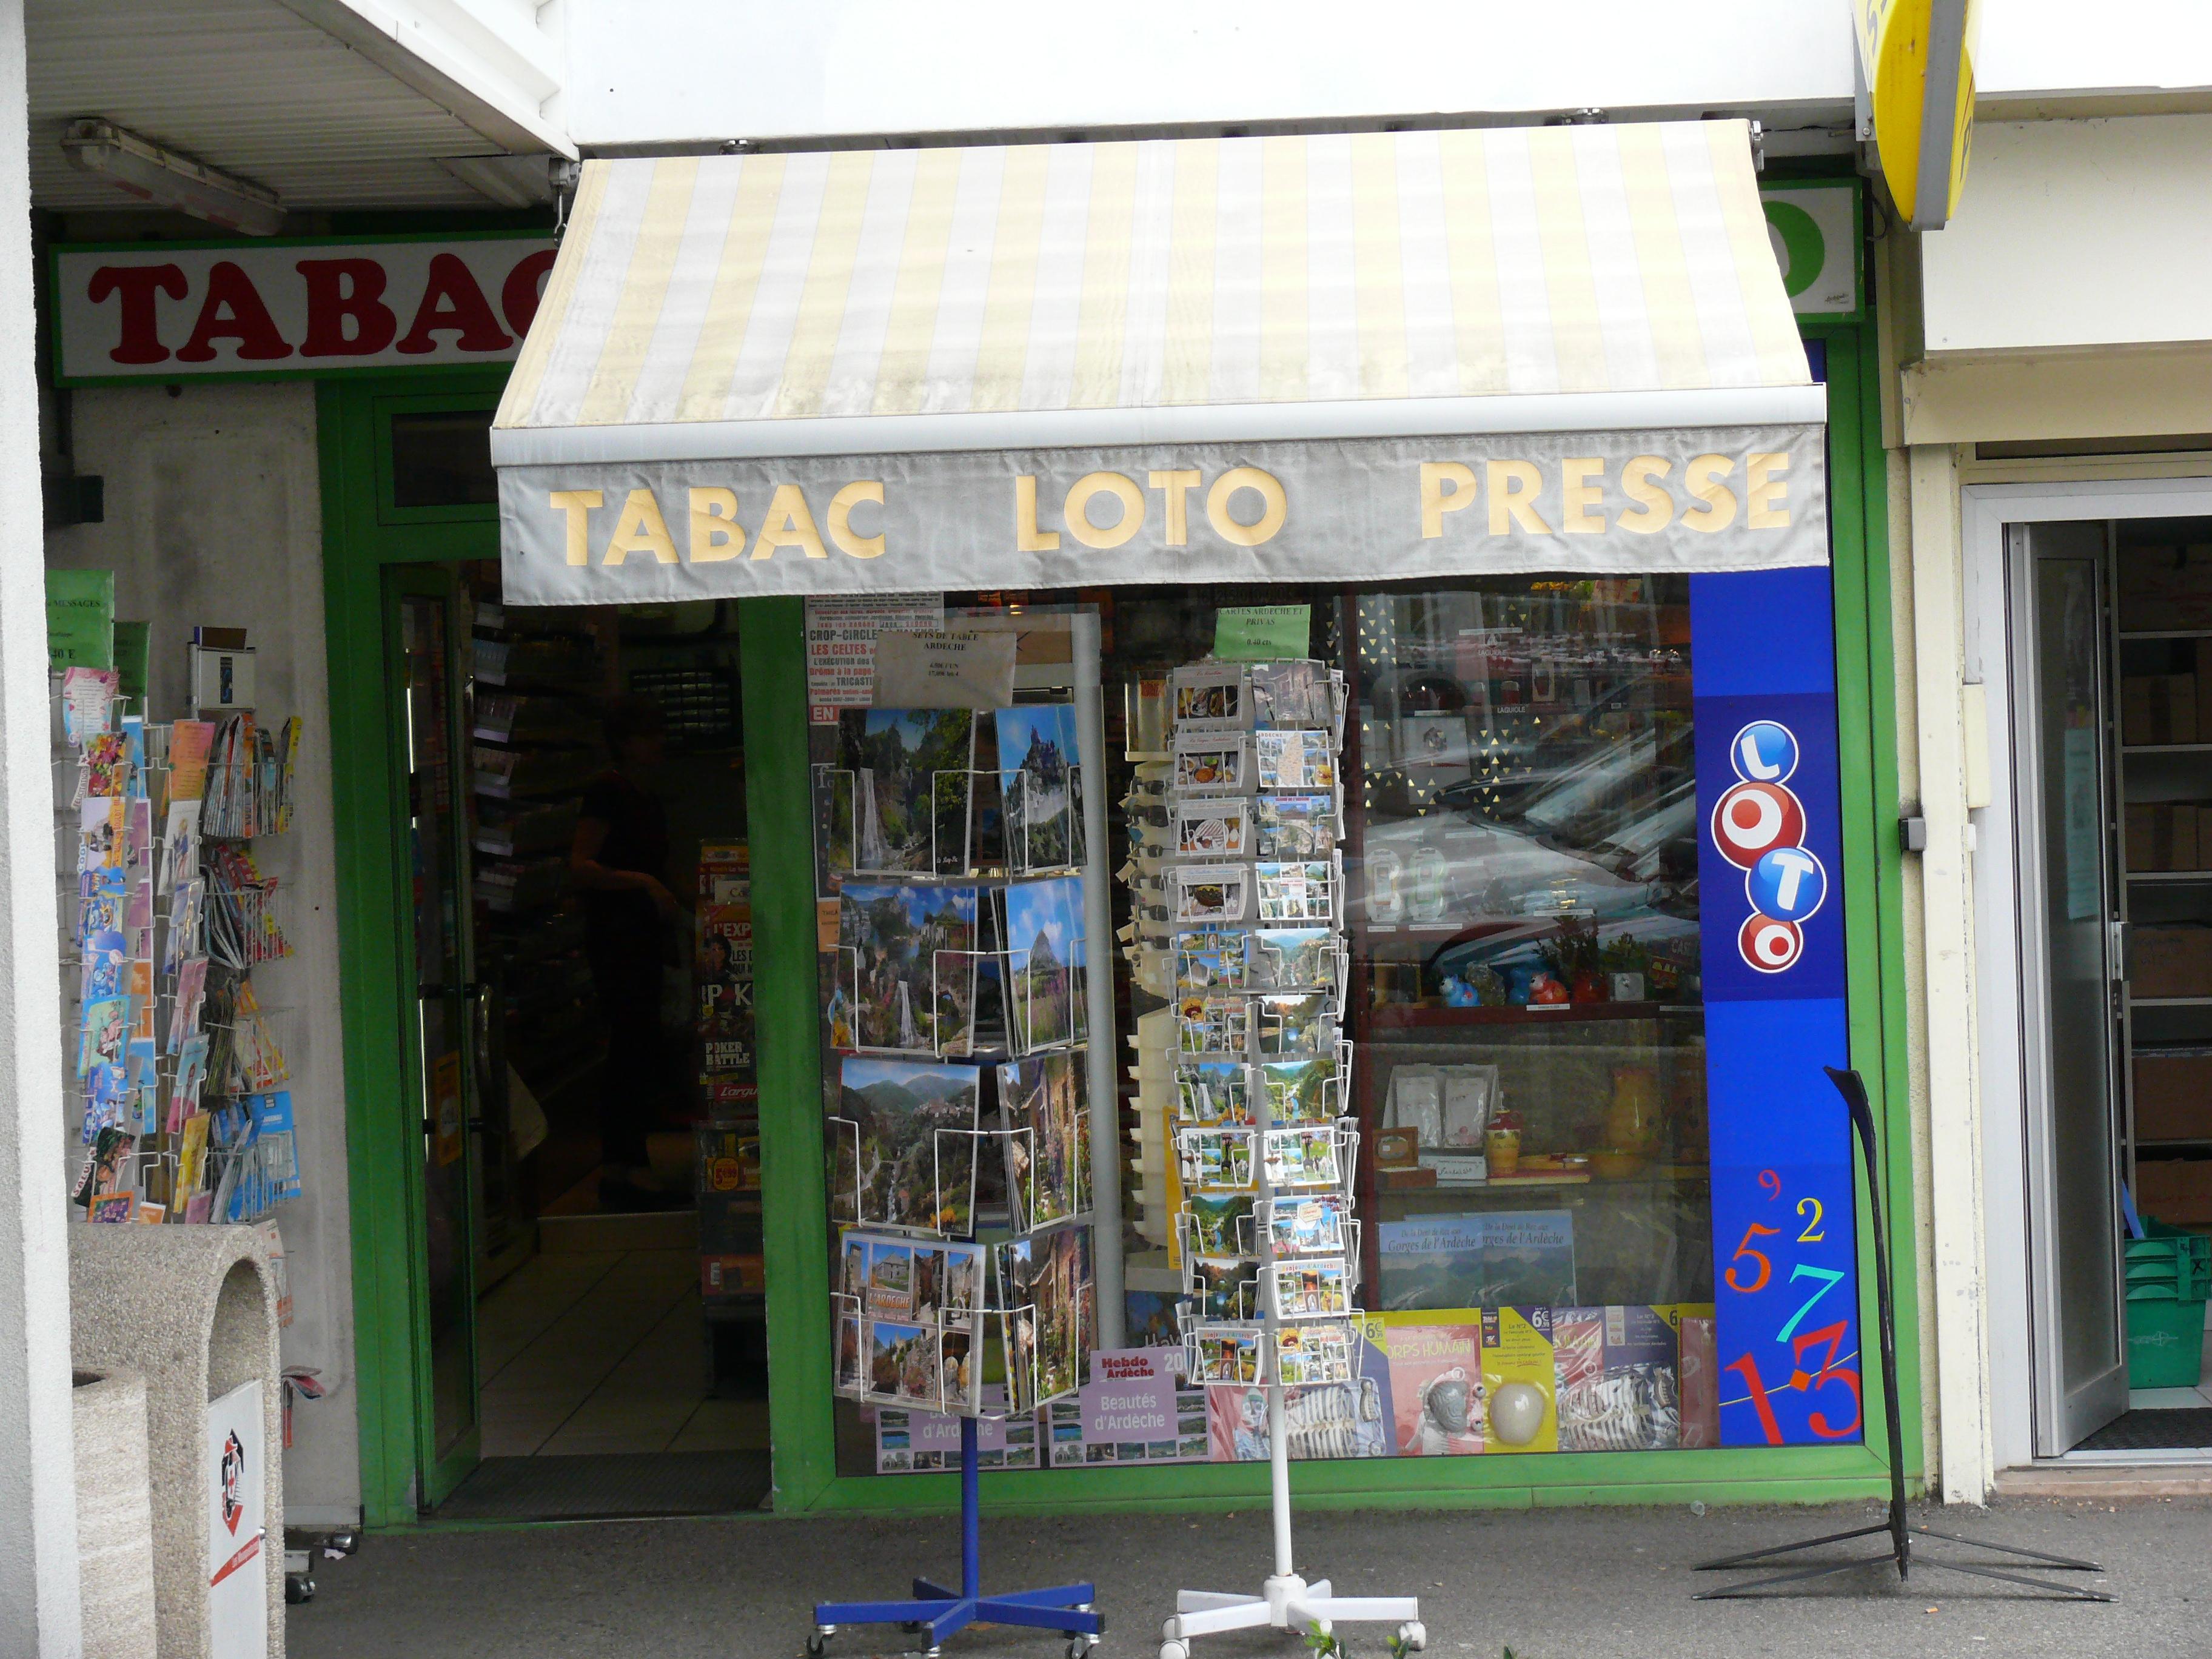 TABAC PRESSE BARRIOS